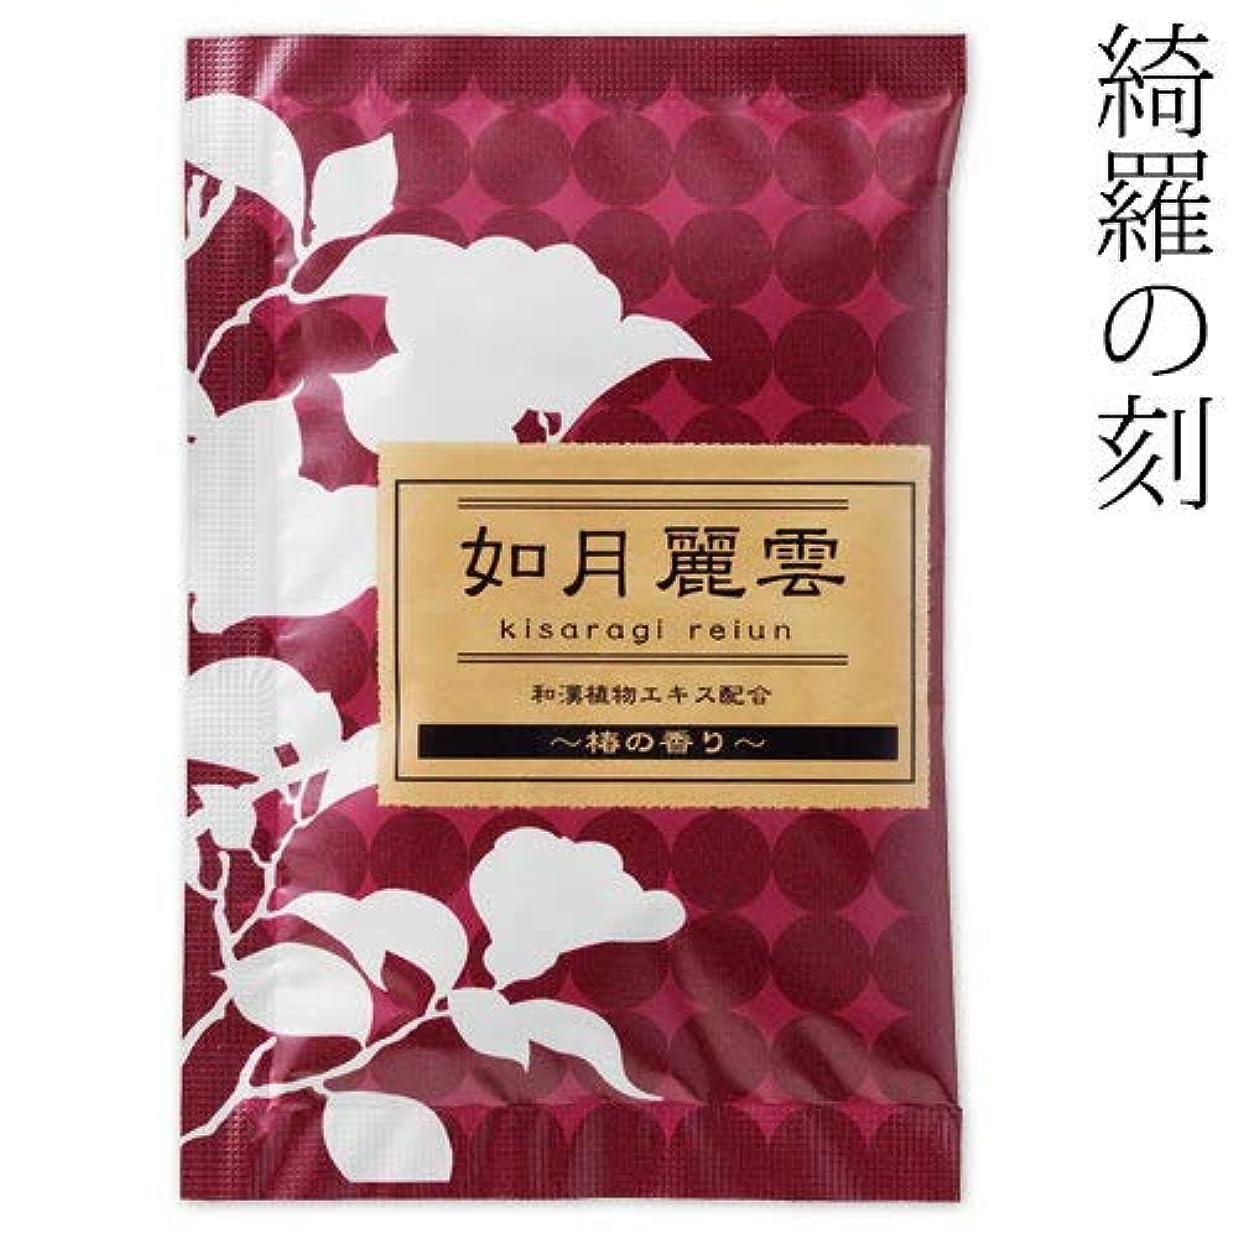 卒業カラスまどろみのある入浴剤綺羅の刻椿の香り如月麗雲1包石川県のお風呂グッズBath additive, Ishikawa craft